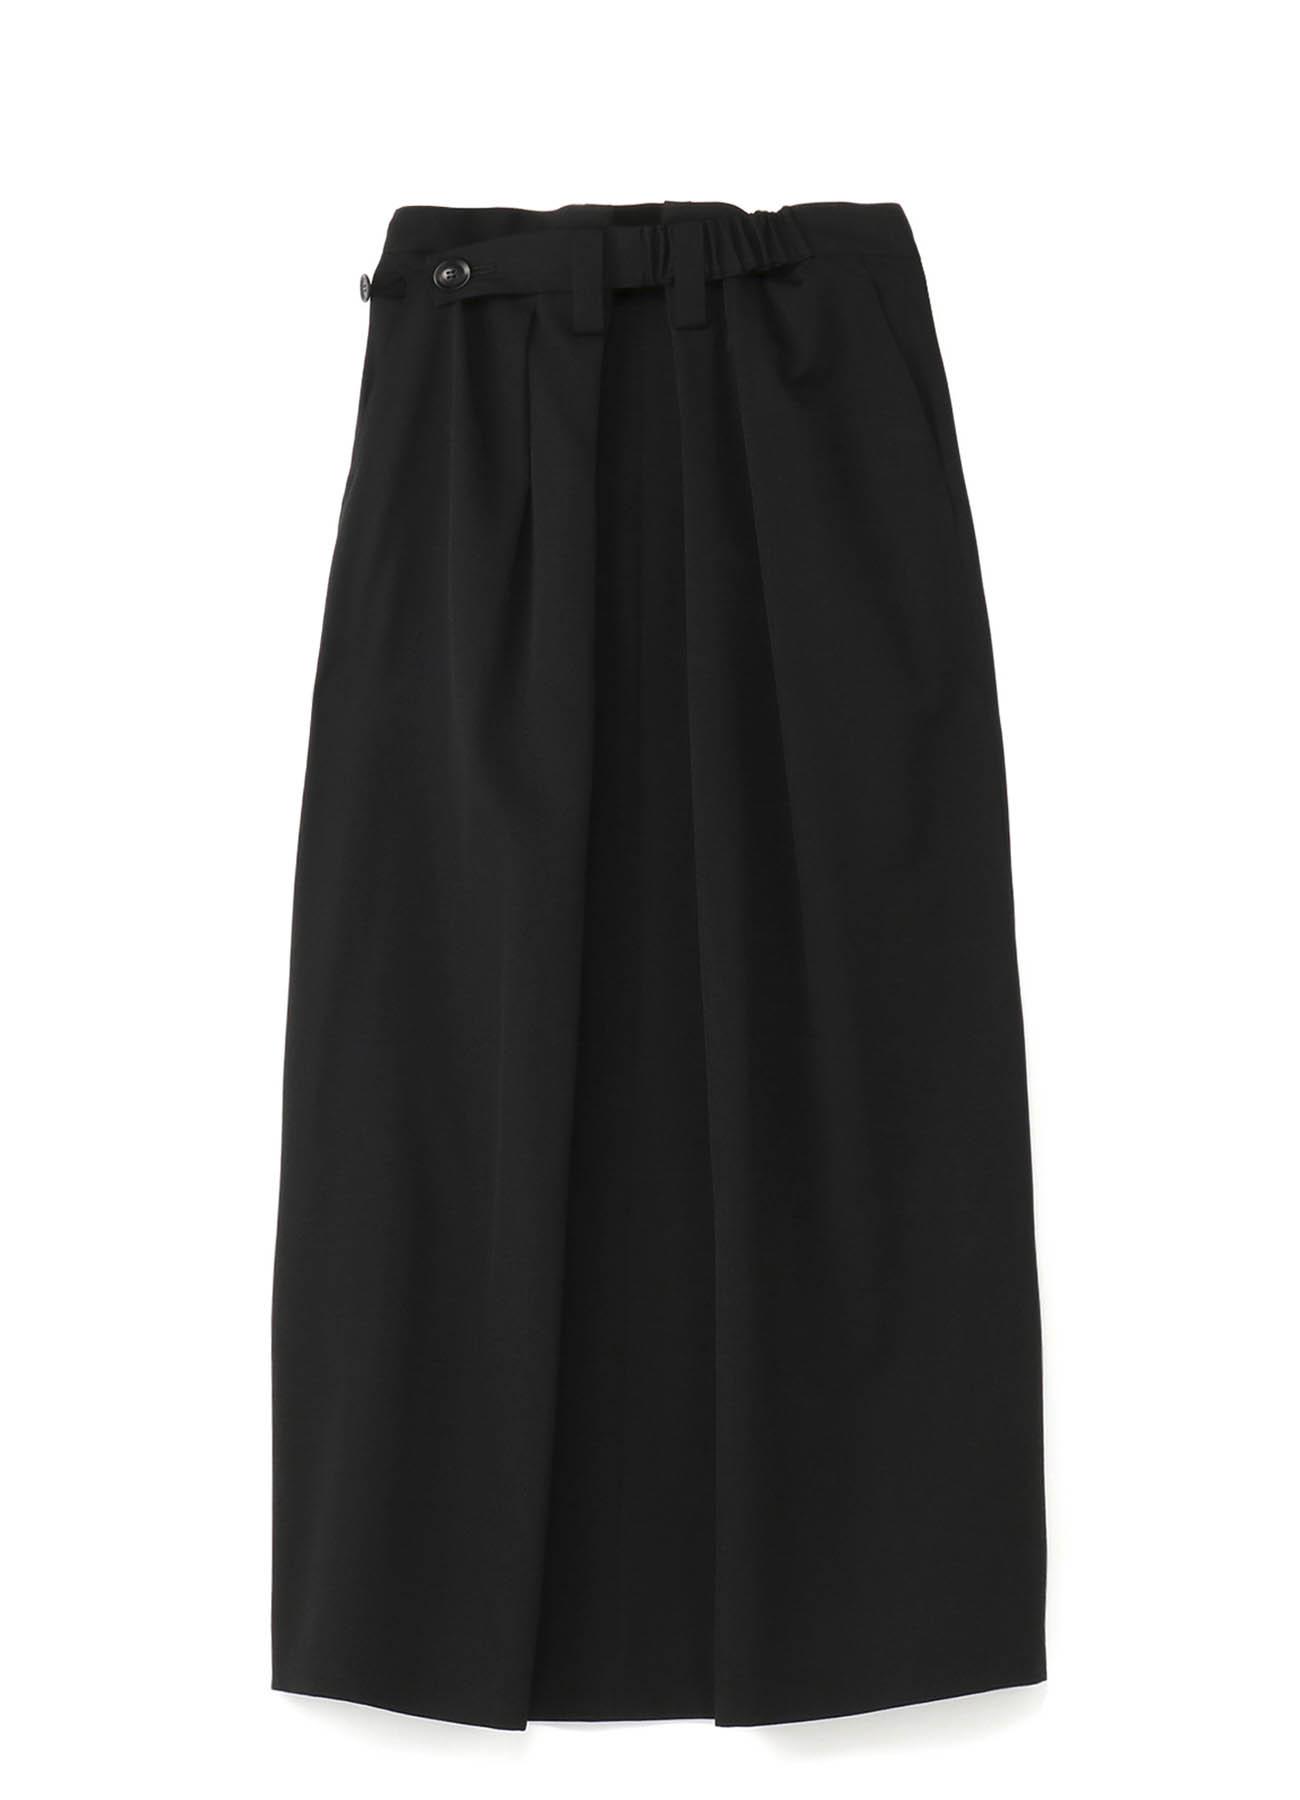 Y'sPINK シワギャバ ベルトスカート